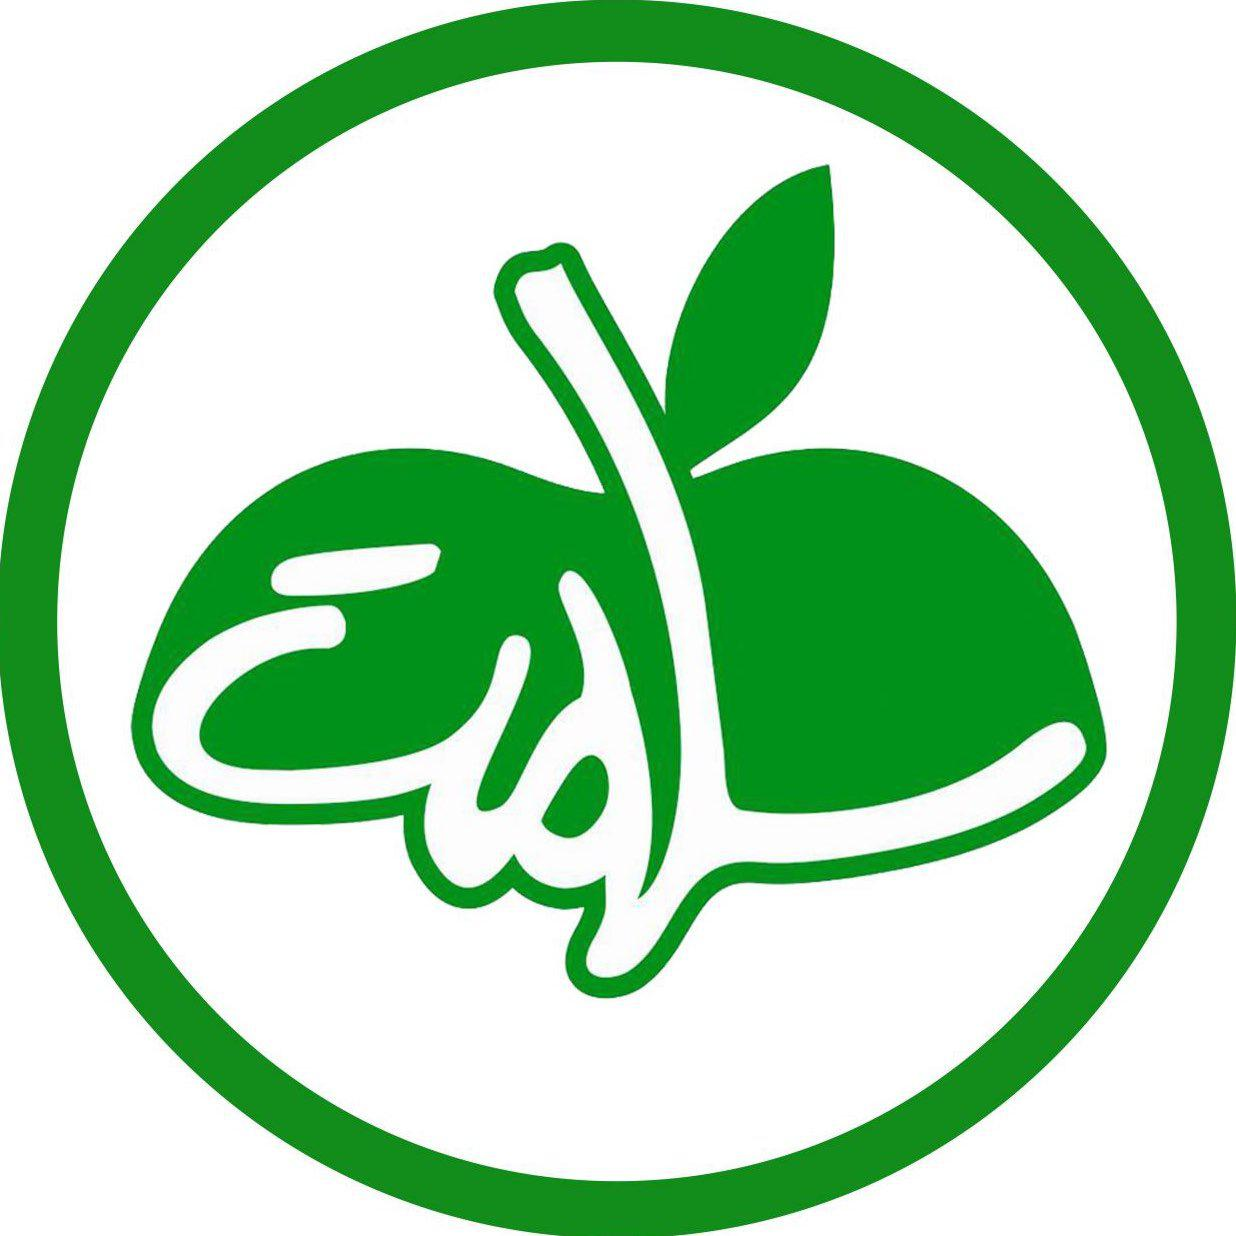 کانال تلگرام پزشکی سلامت